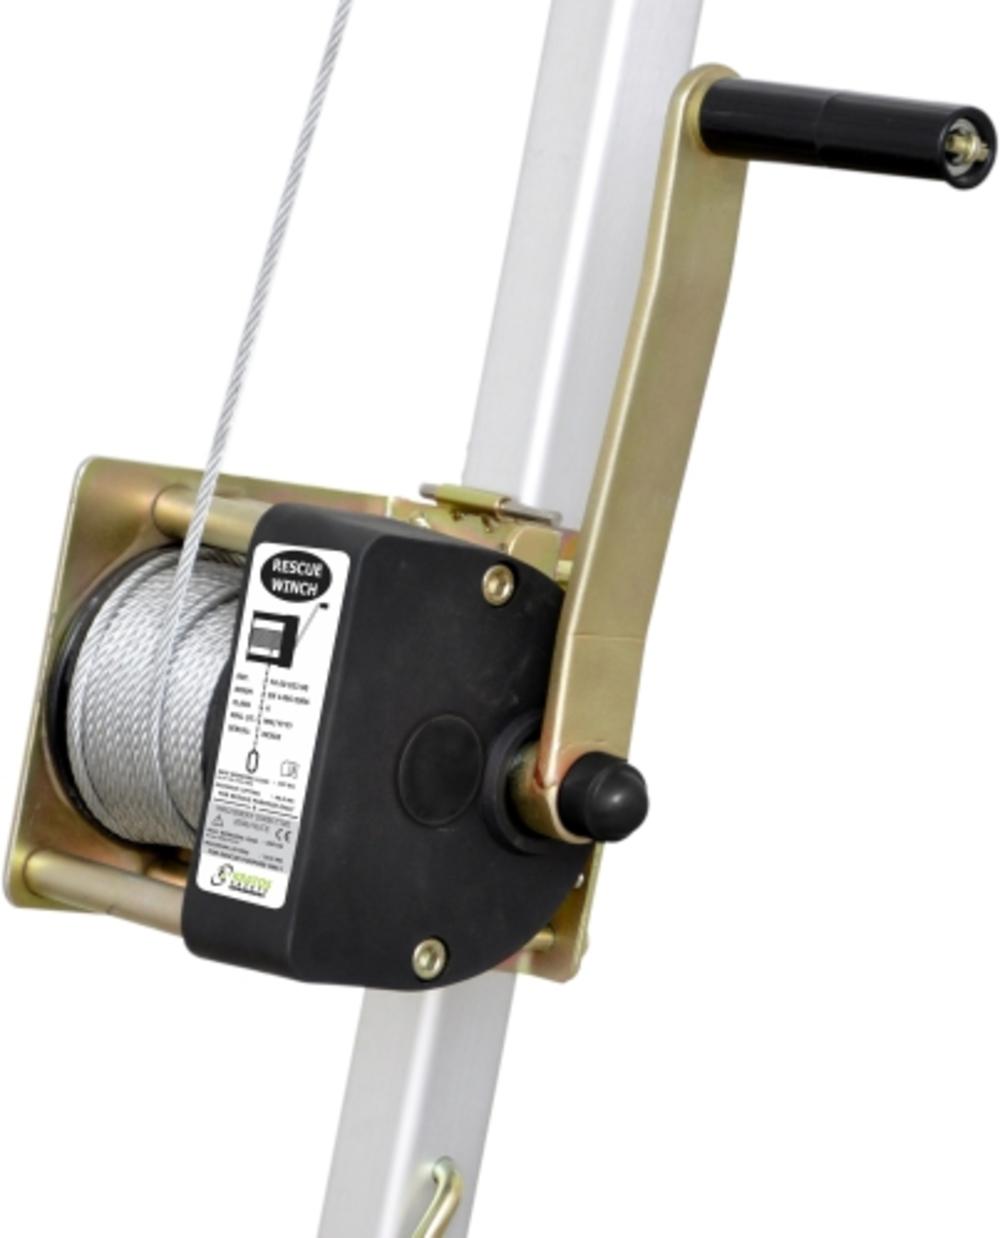 Arbeits- und Rettungswinde mit Stahlseil zu KRATOS – 20 m